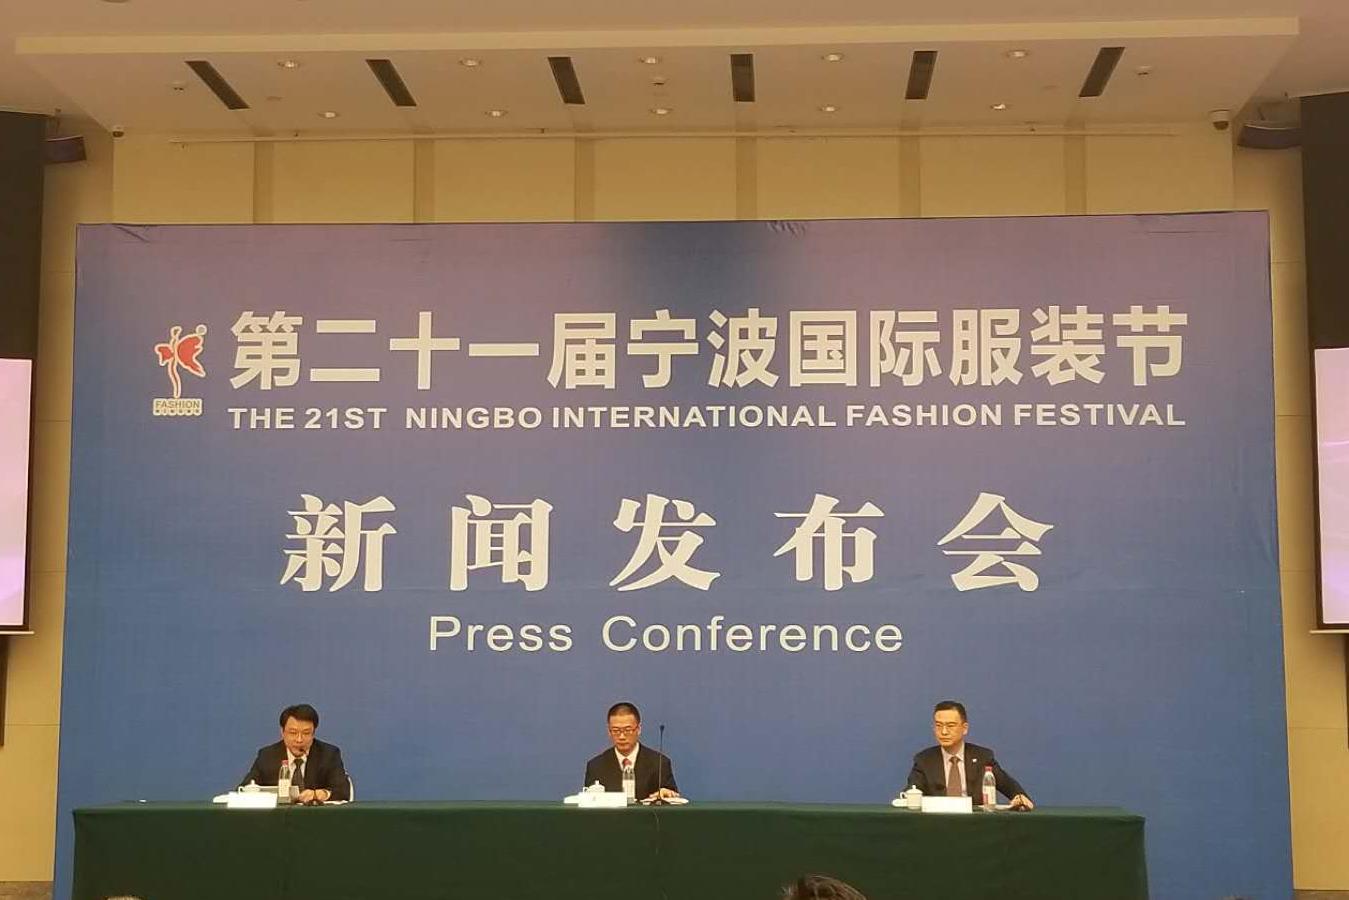 第二十一届宁波国际服装节举行新闻发布会